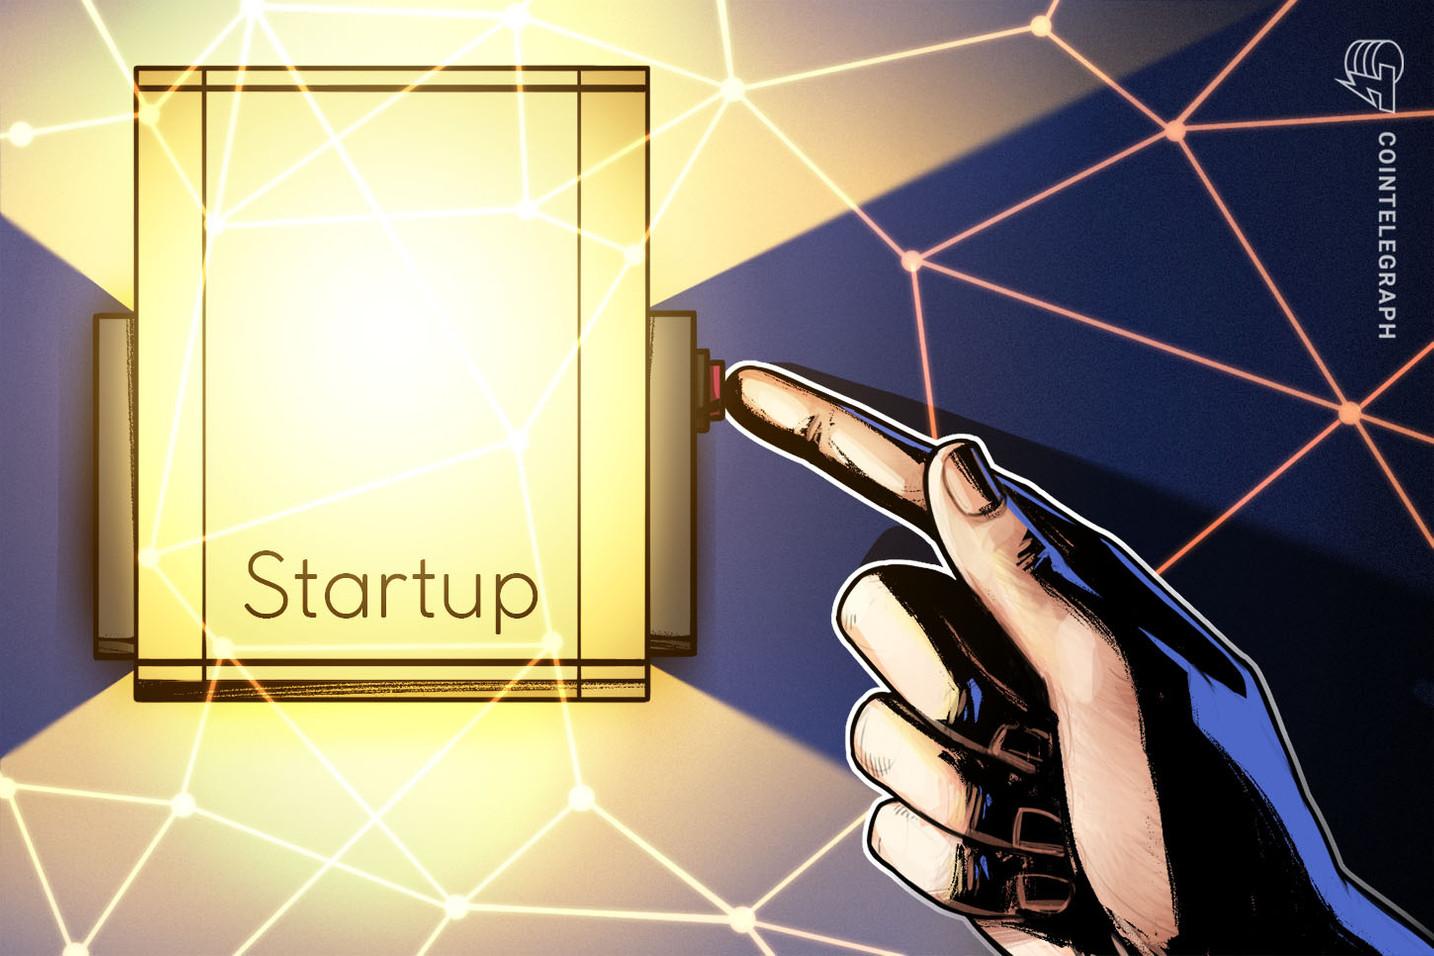 El informe GSER 2021 muestra que el 10% de las startups en fase inicial están relacionadas con blockchain